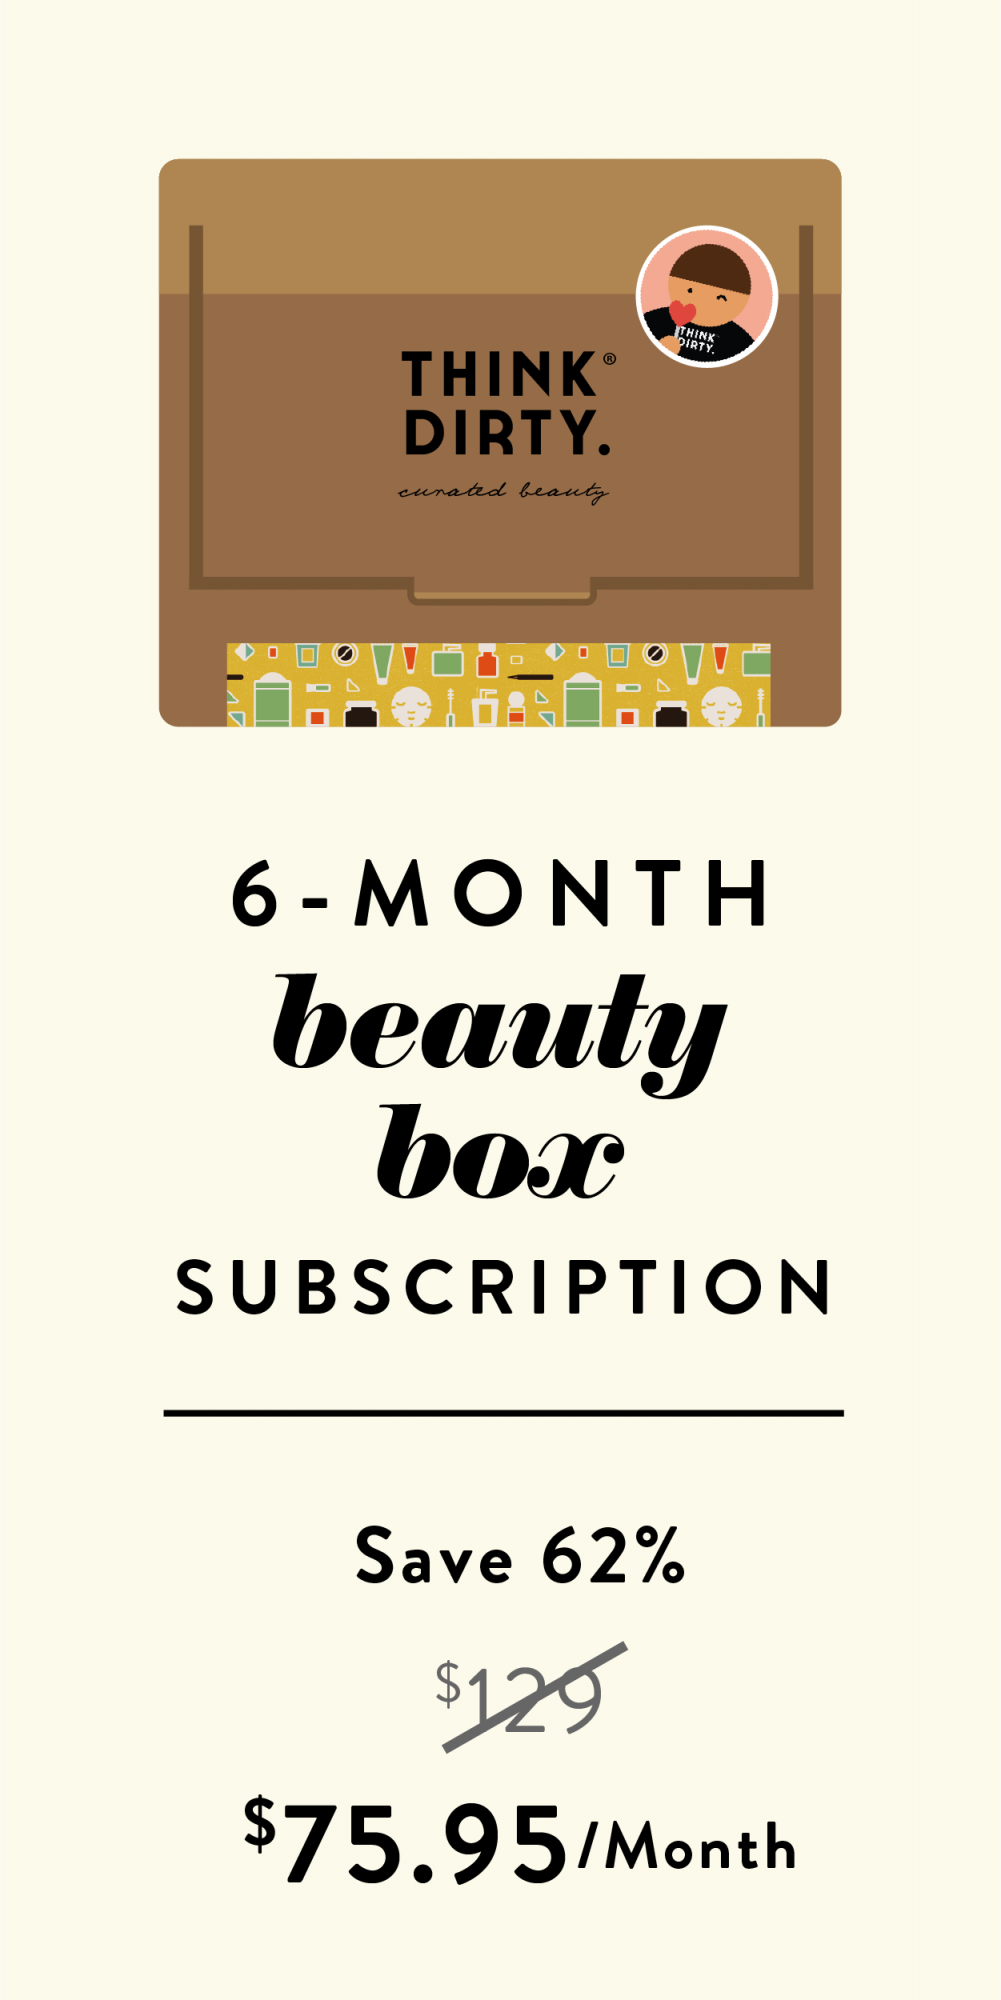 6 month beauty box